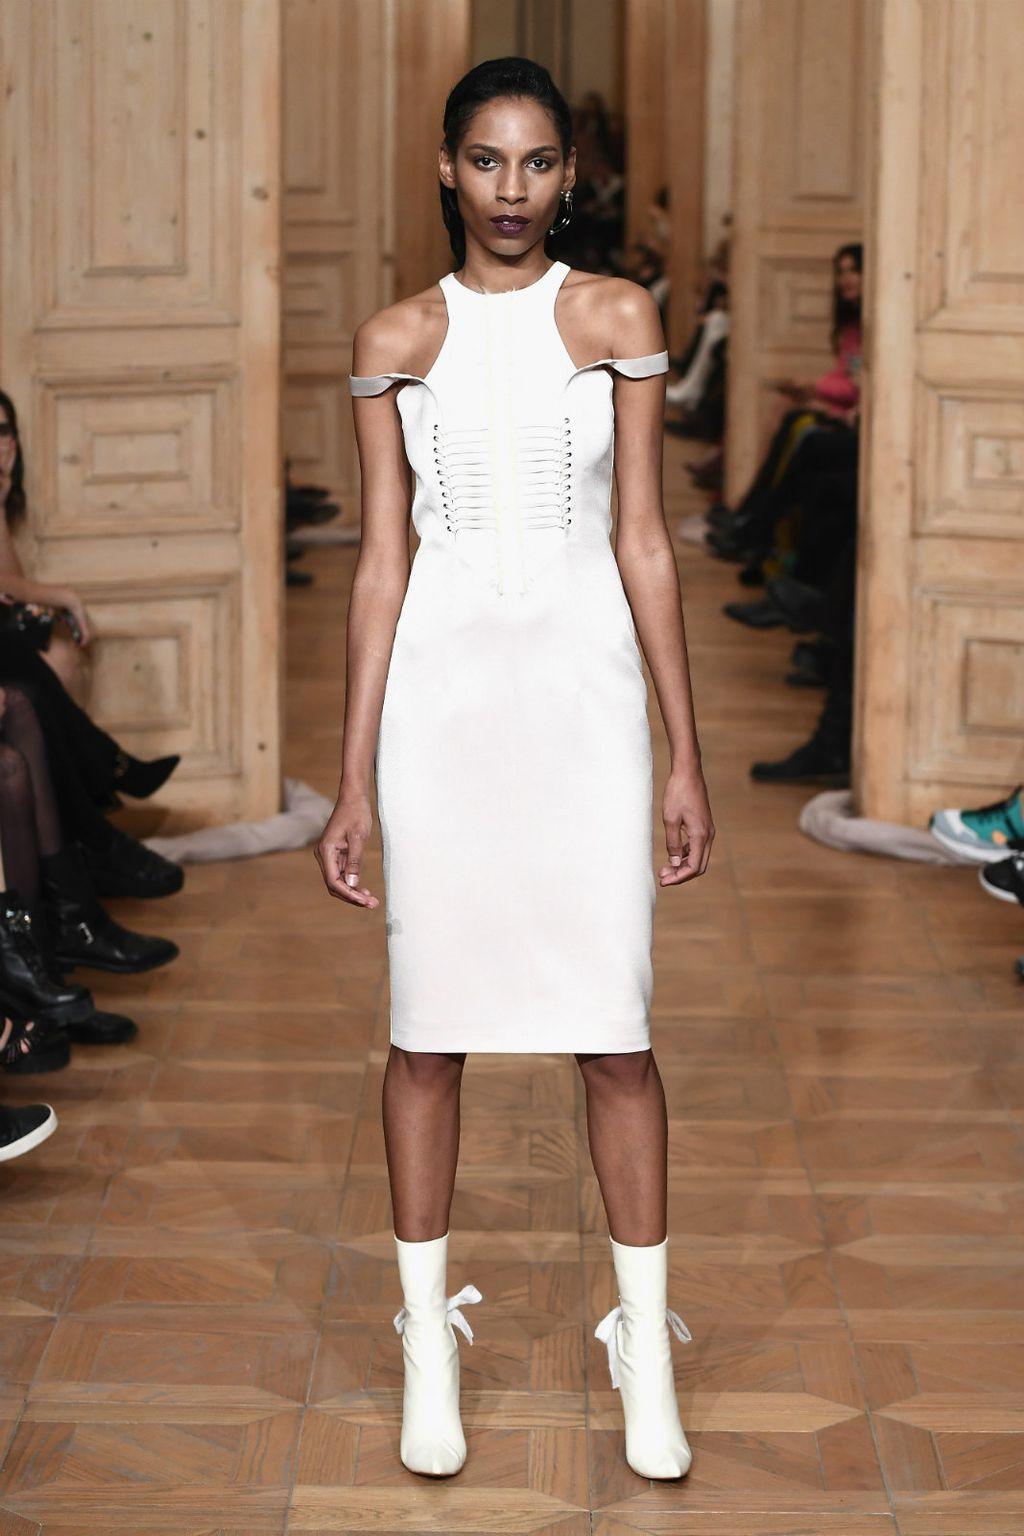 Bijele čizme u odjevnim kombinacijama - 5